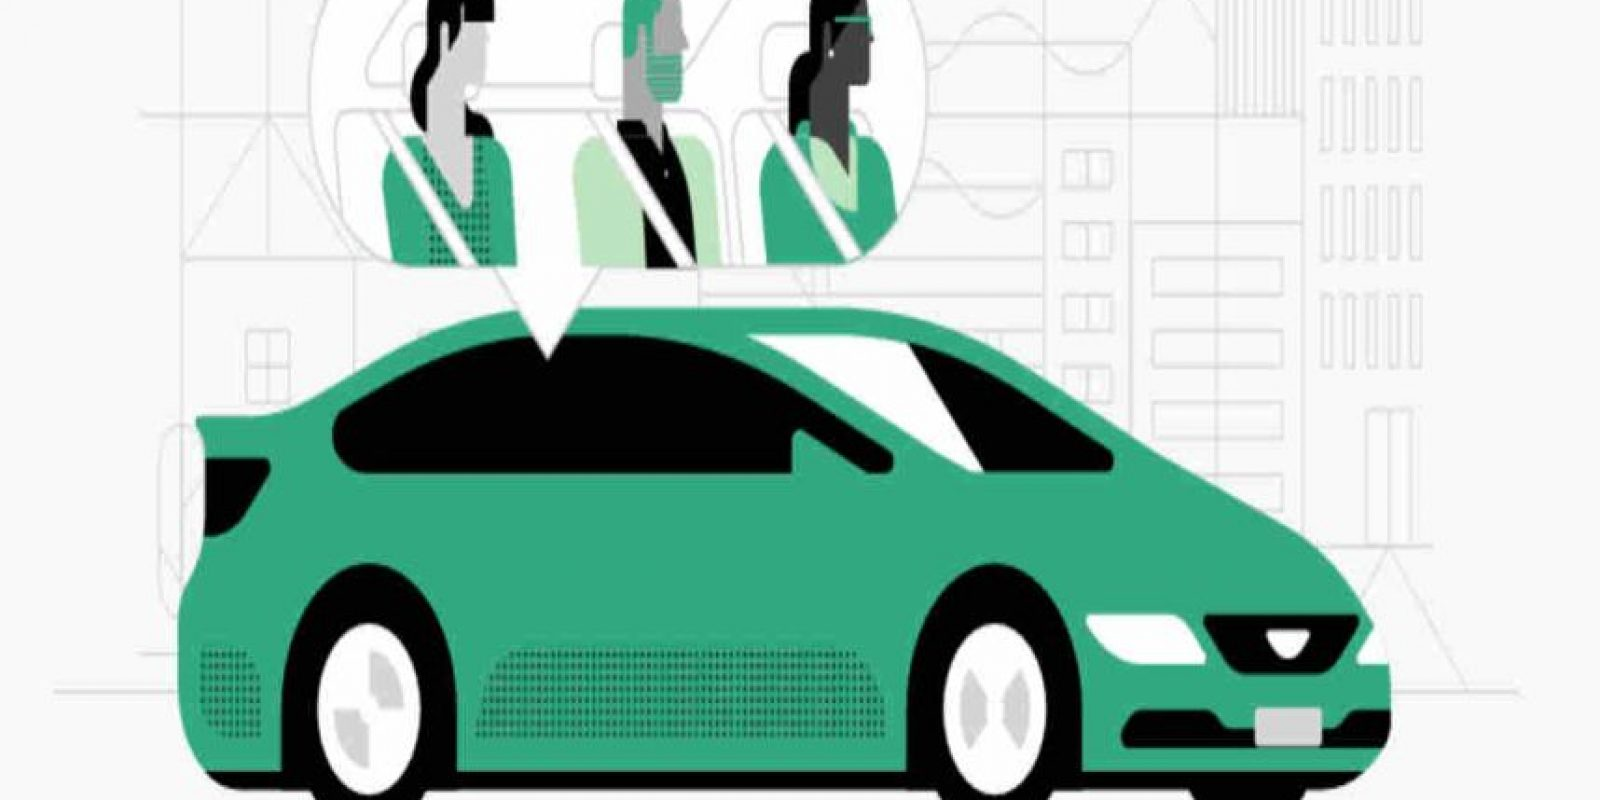 """Recientemente Uber lanzó """"UberPool"""" que les permite compartir el automóvil. Foto:Uber"""